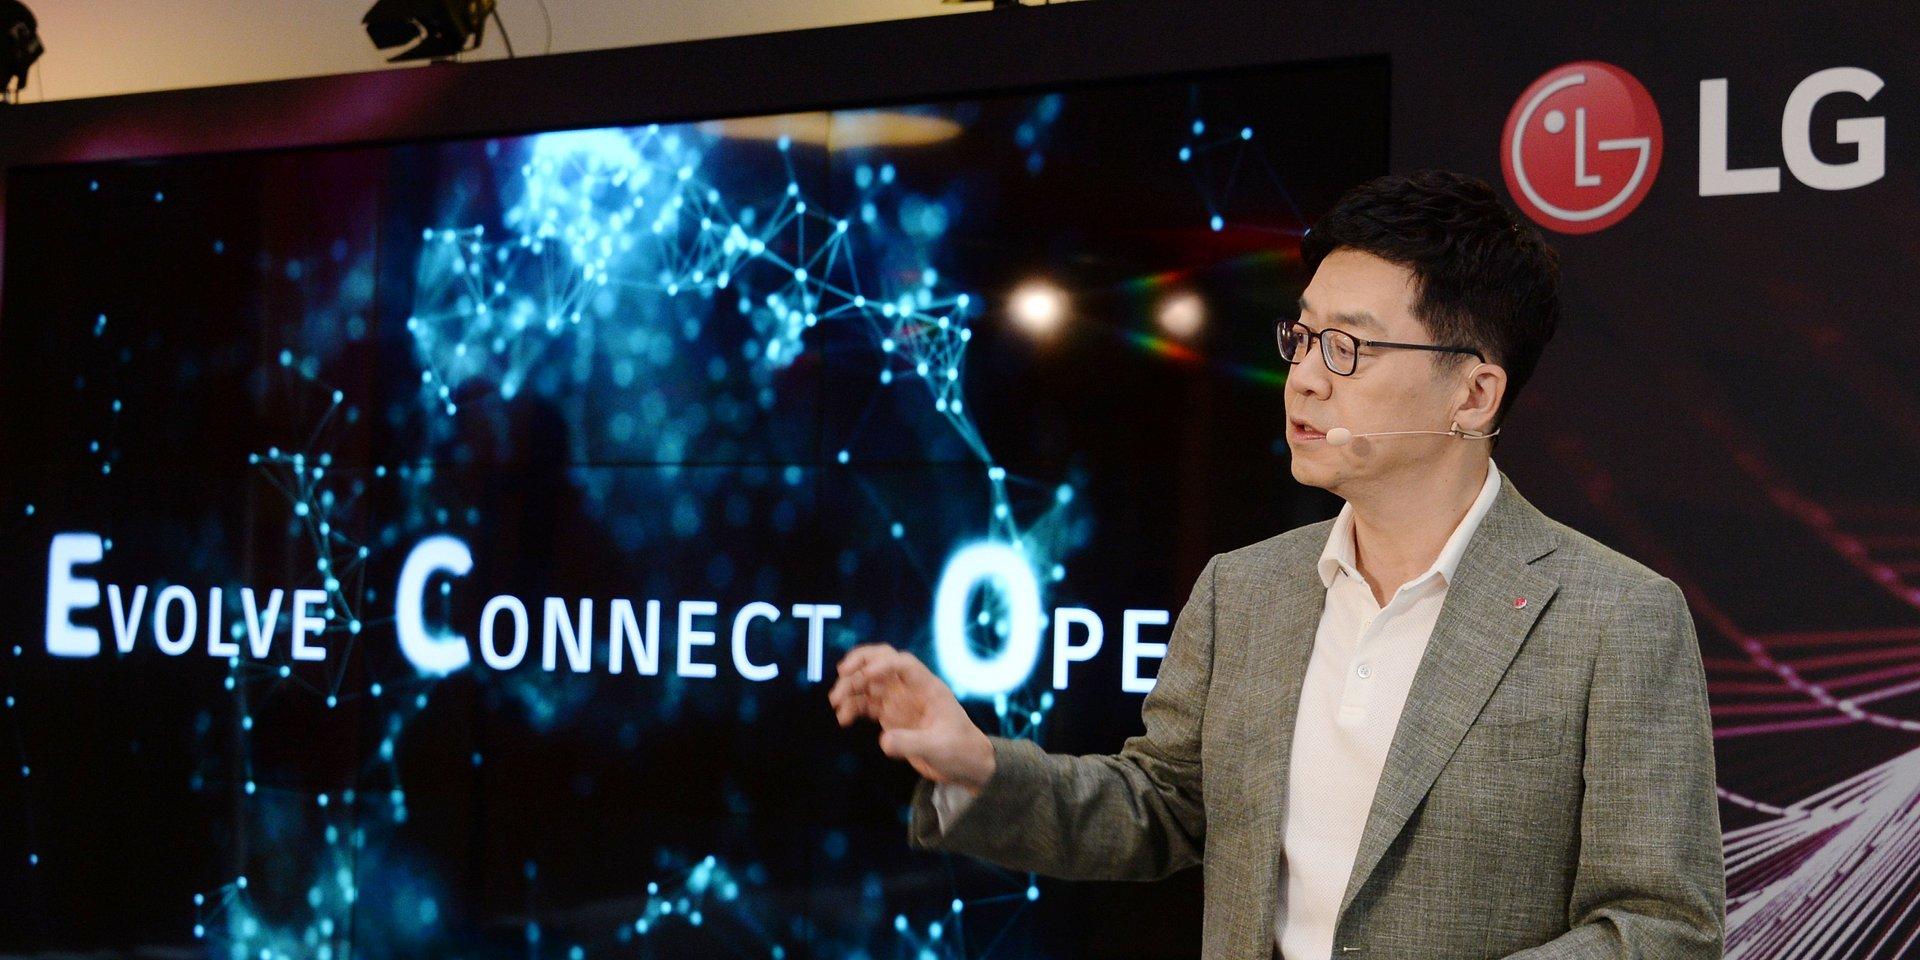 Anywhere is home – Prezes LG podzielił się swoją wizją przyszłości na konferencji inaugurującej targi IFA 2019